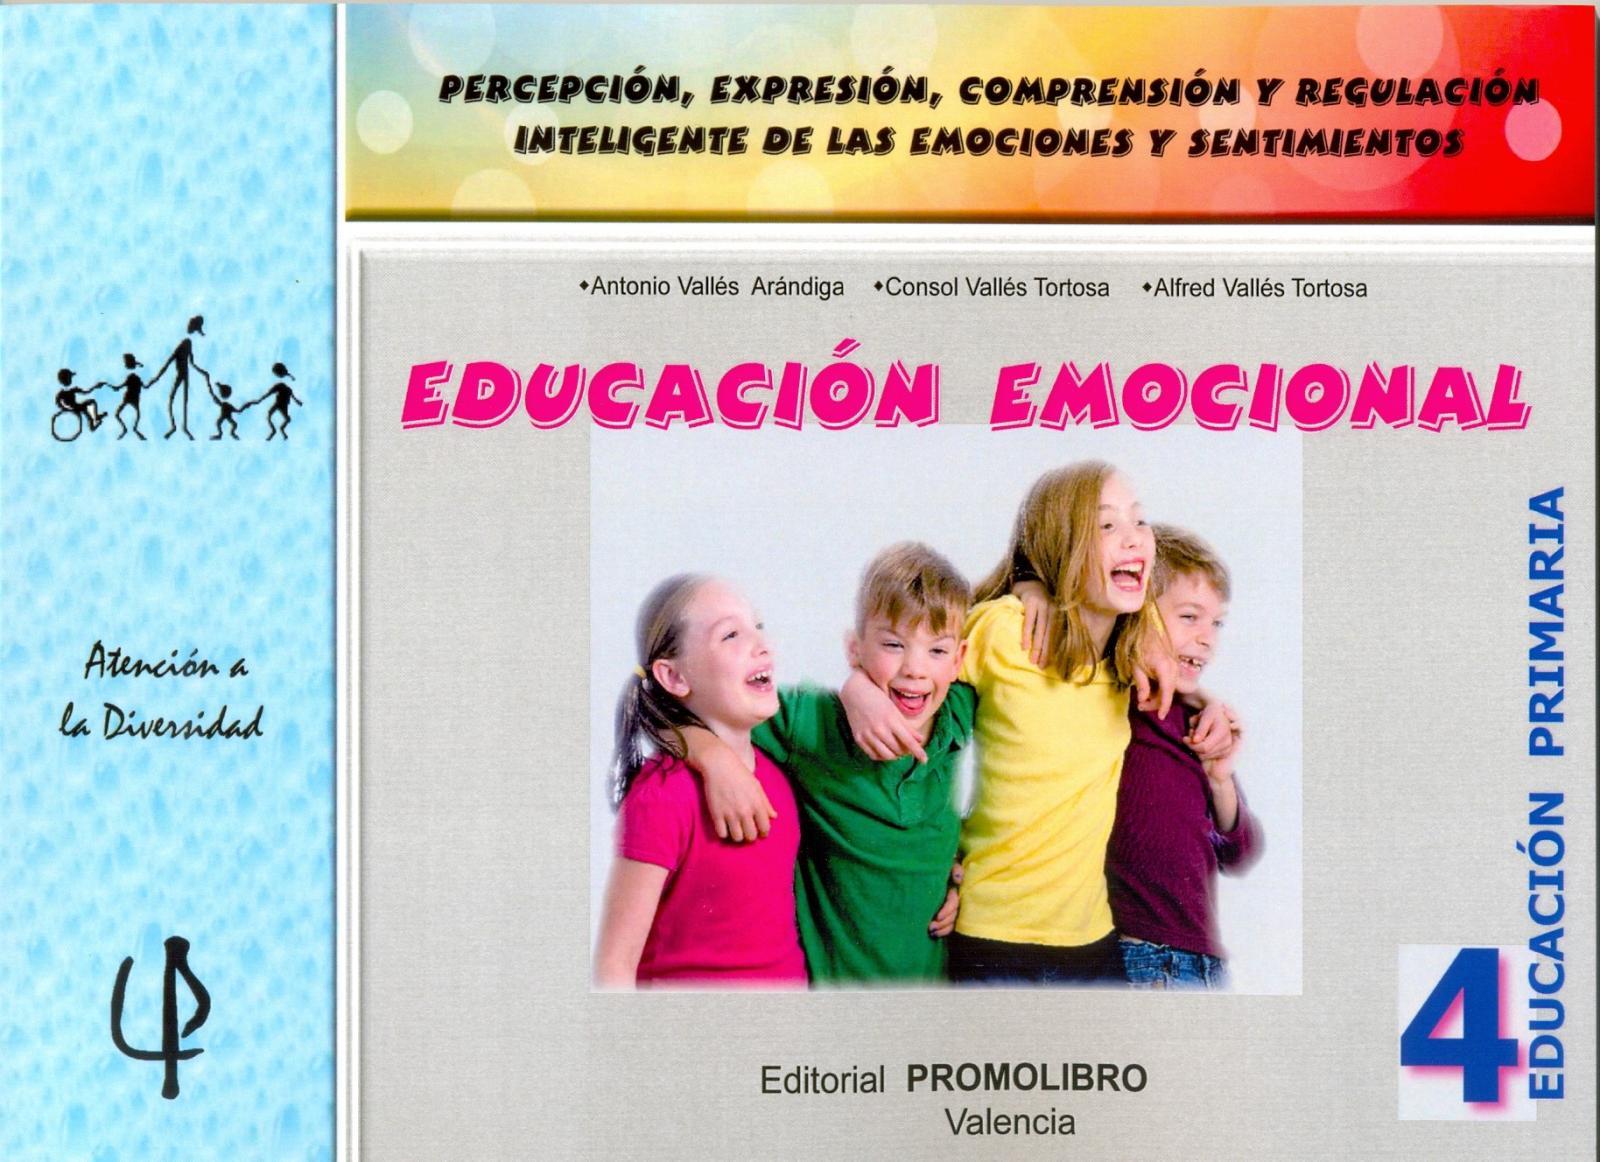 221.- EDUCACIÓN EMOCIONAL 4. Percepción, expresión, comprensión y regulación inteligente de las emociones y sentimientos. 4º Educación Primaria